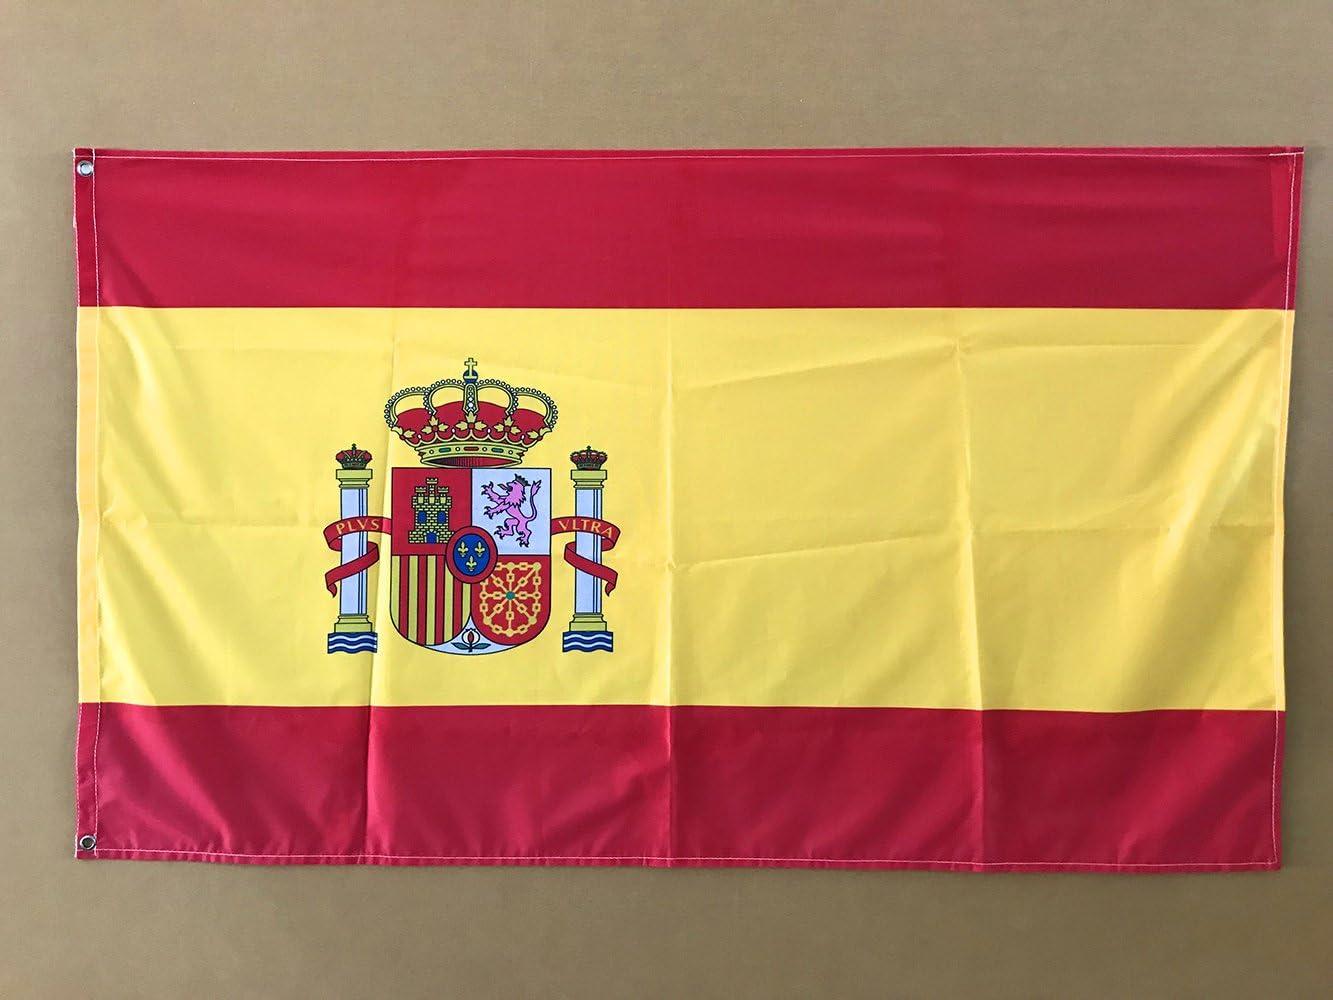 Oedim Bandera de España 85x150cm | Reforzada y con Pespuntes | Bandera de España con 2 Ojales Metálicos y Resistente al Agua